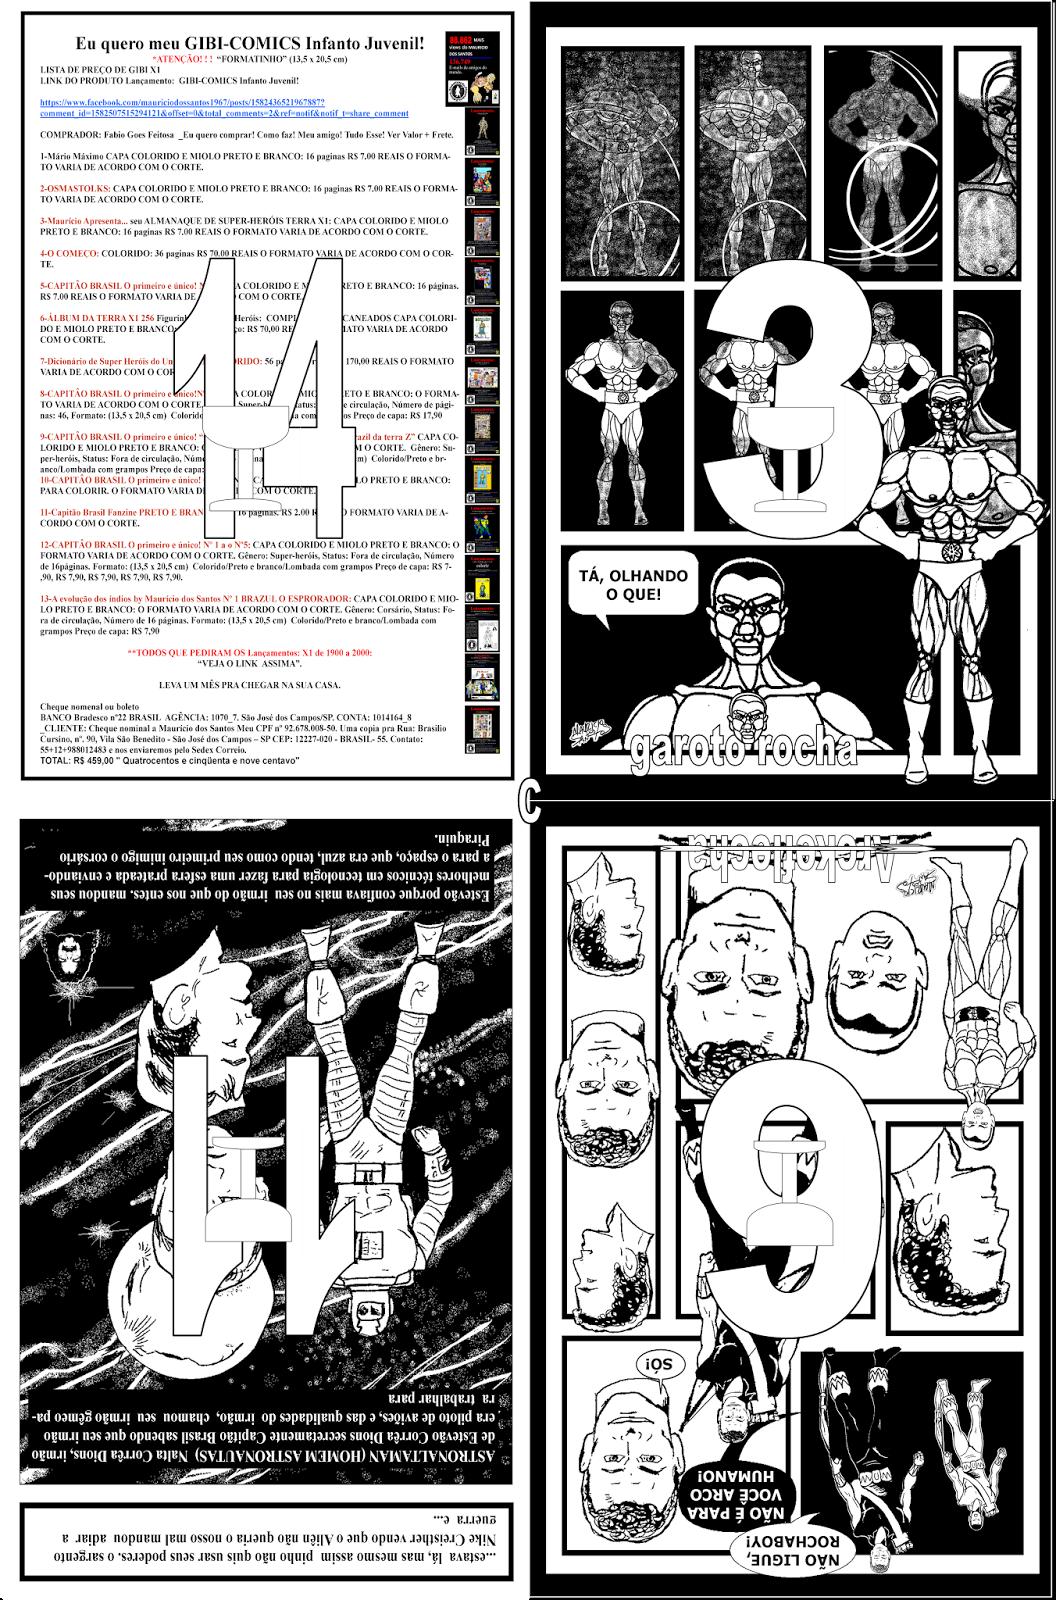 Eclipse Informática.url · Editora Schoba Excelência na publicação de livros  técnicos a0ee37cc2c568